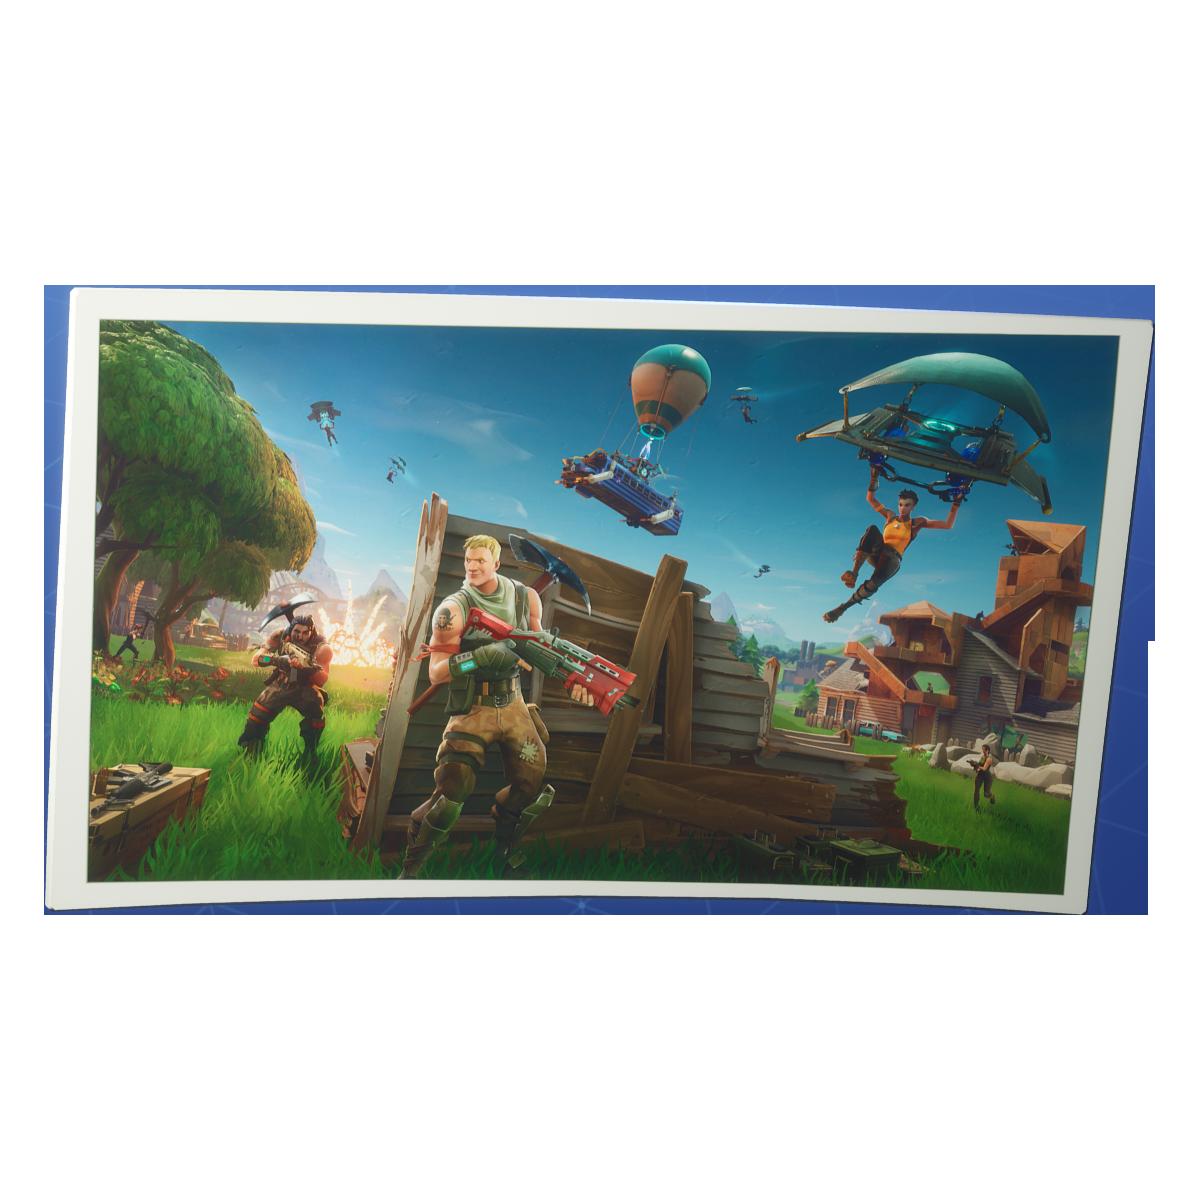 Fortnite royale png image. Battle clipart transparent background